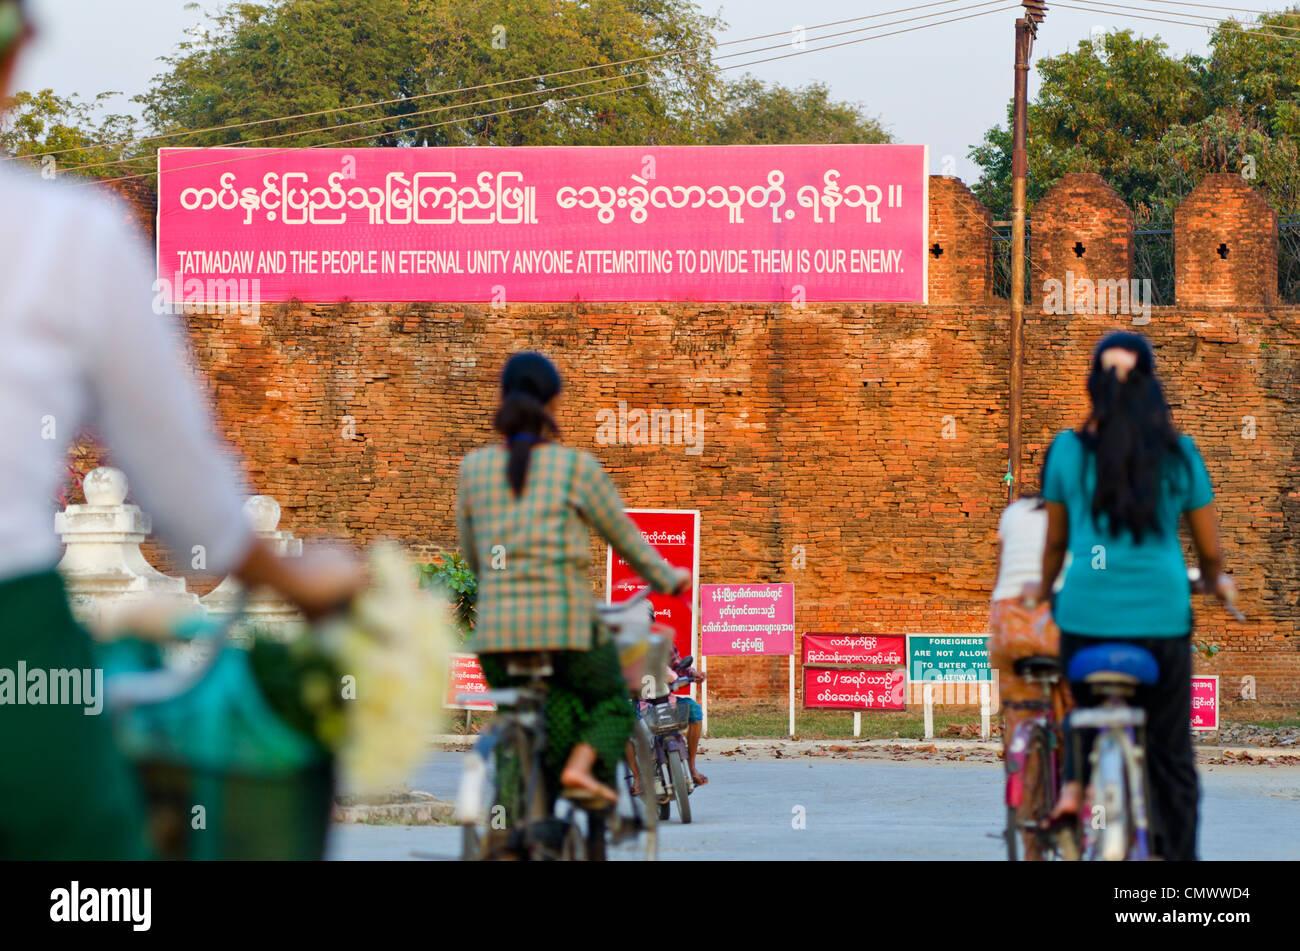 Propaganda poster on walls of Mandalay palace, Mandalay, Myanmar - Stock Image